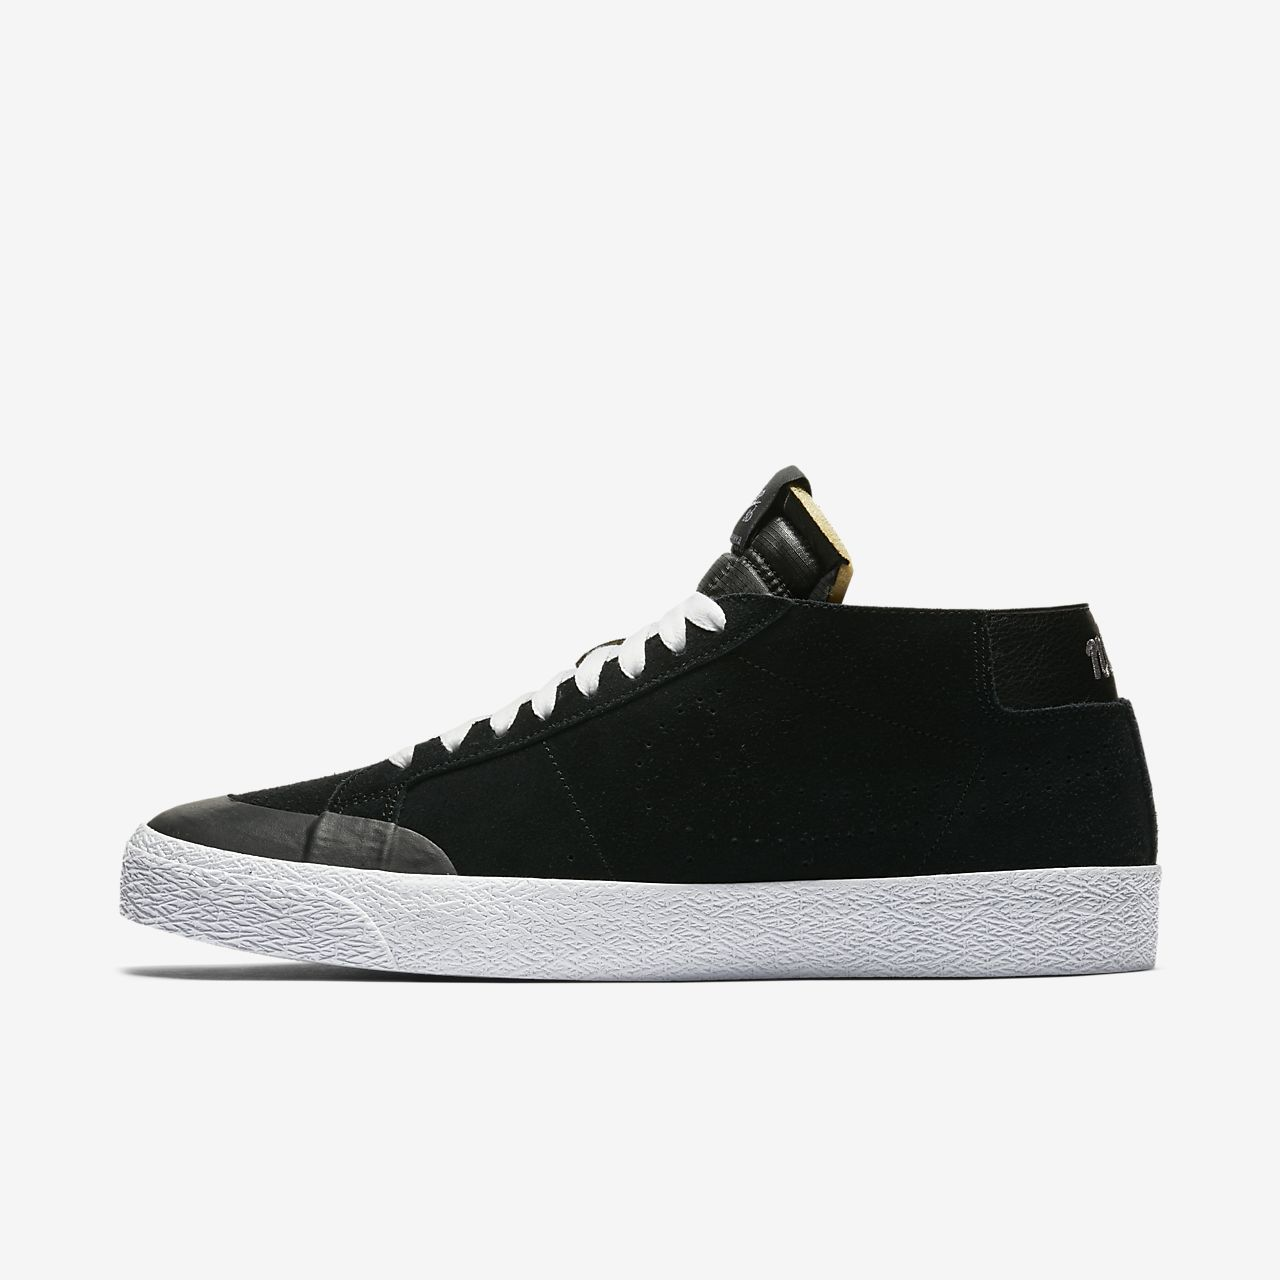 703186f396e Calzado de skateboarding para hombre Nike SB Zoom Blazer Chukka XT ...